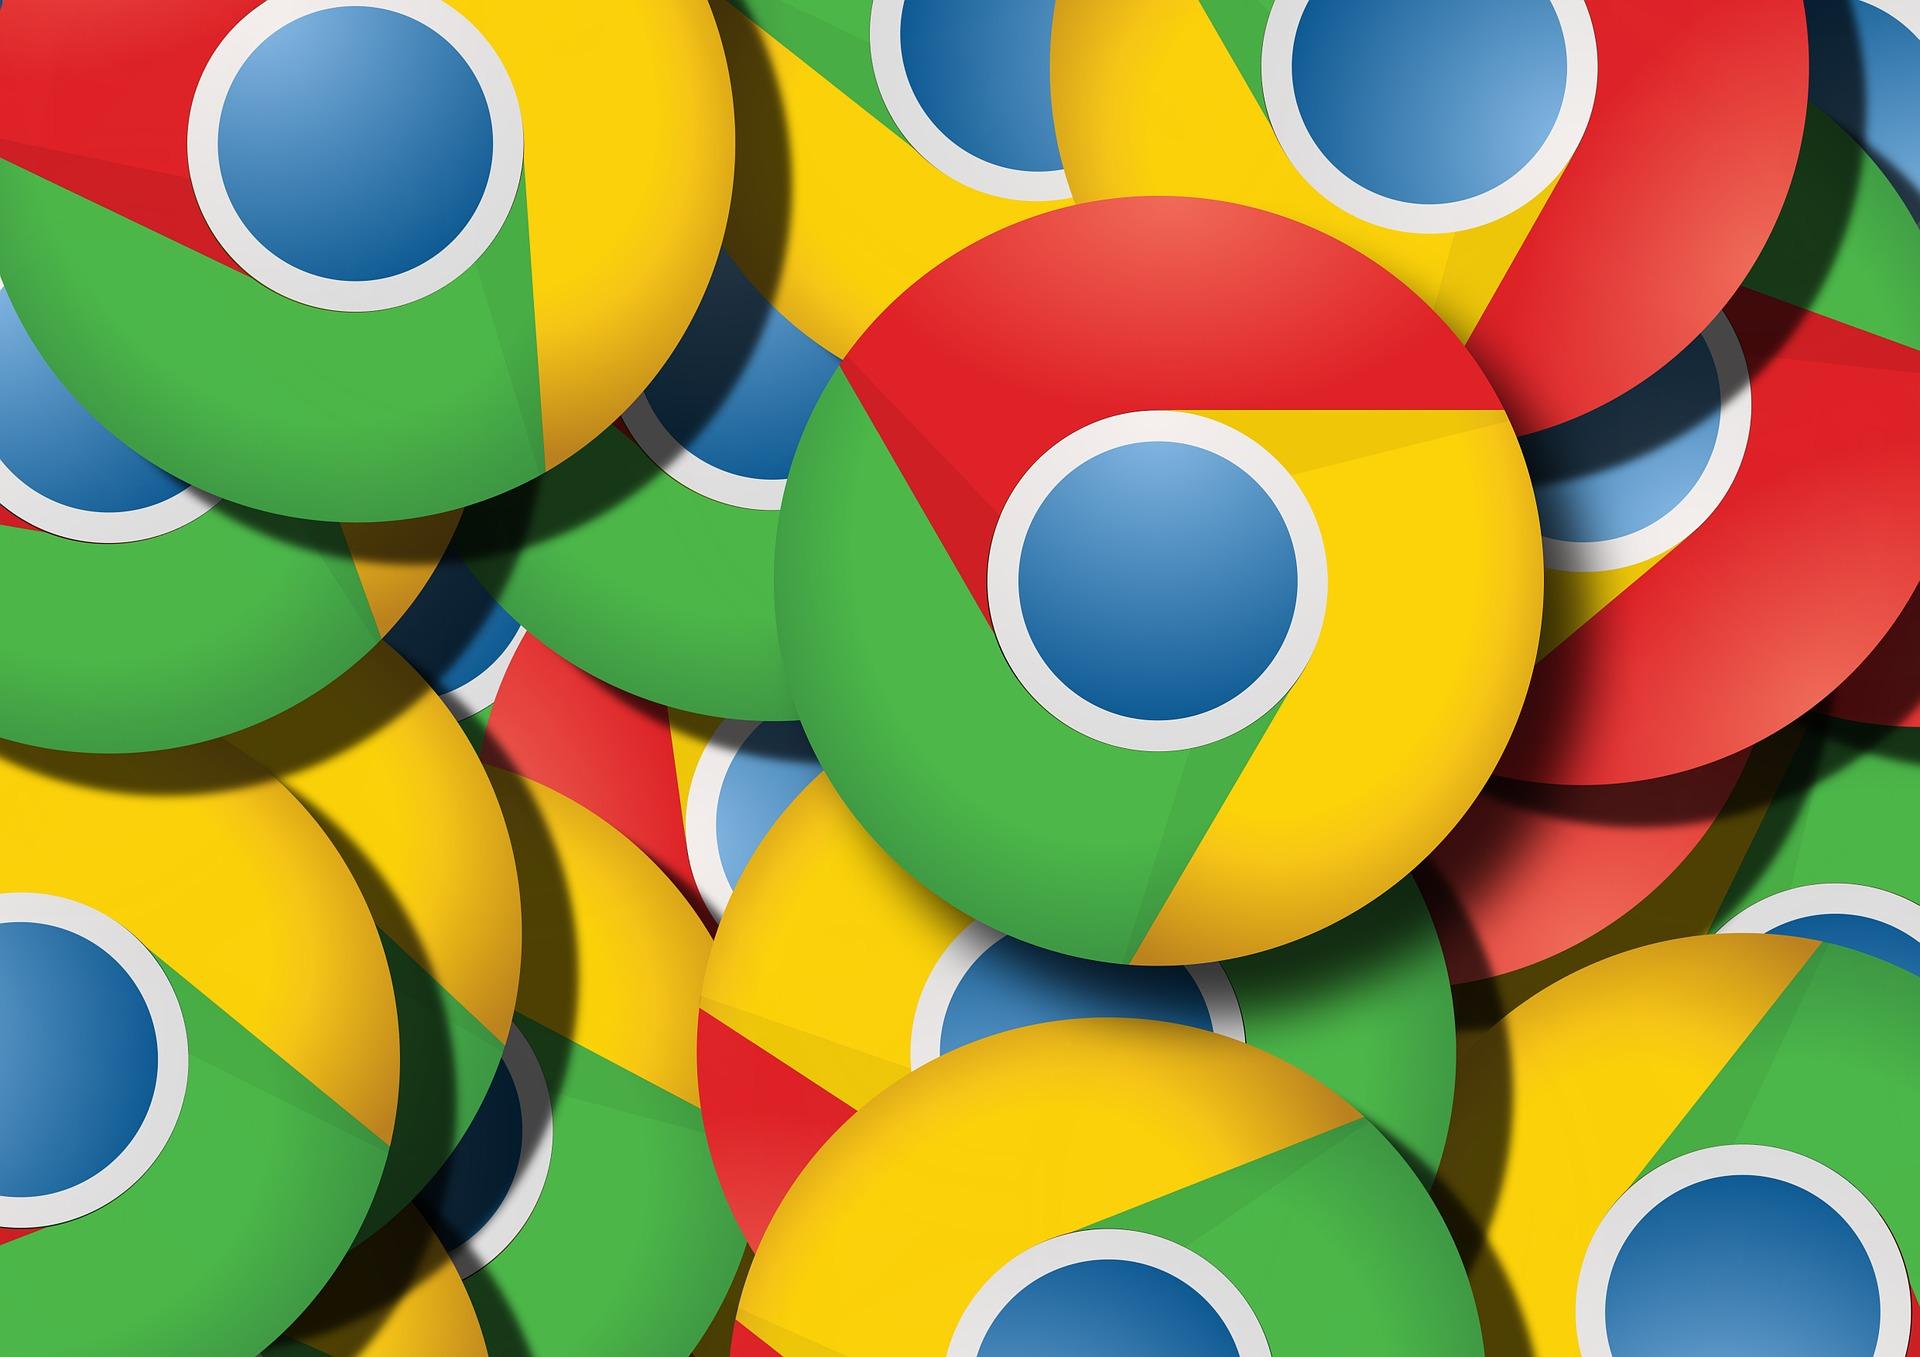 Di manakah Penanda Halaman Google Chrome disimpan?